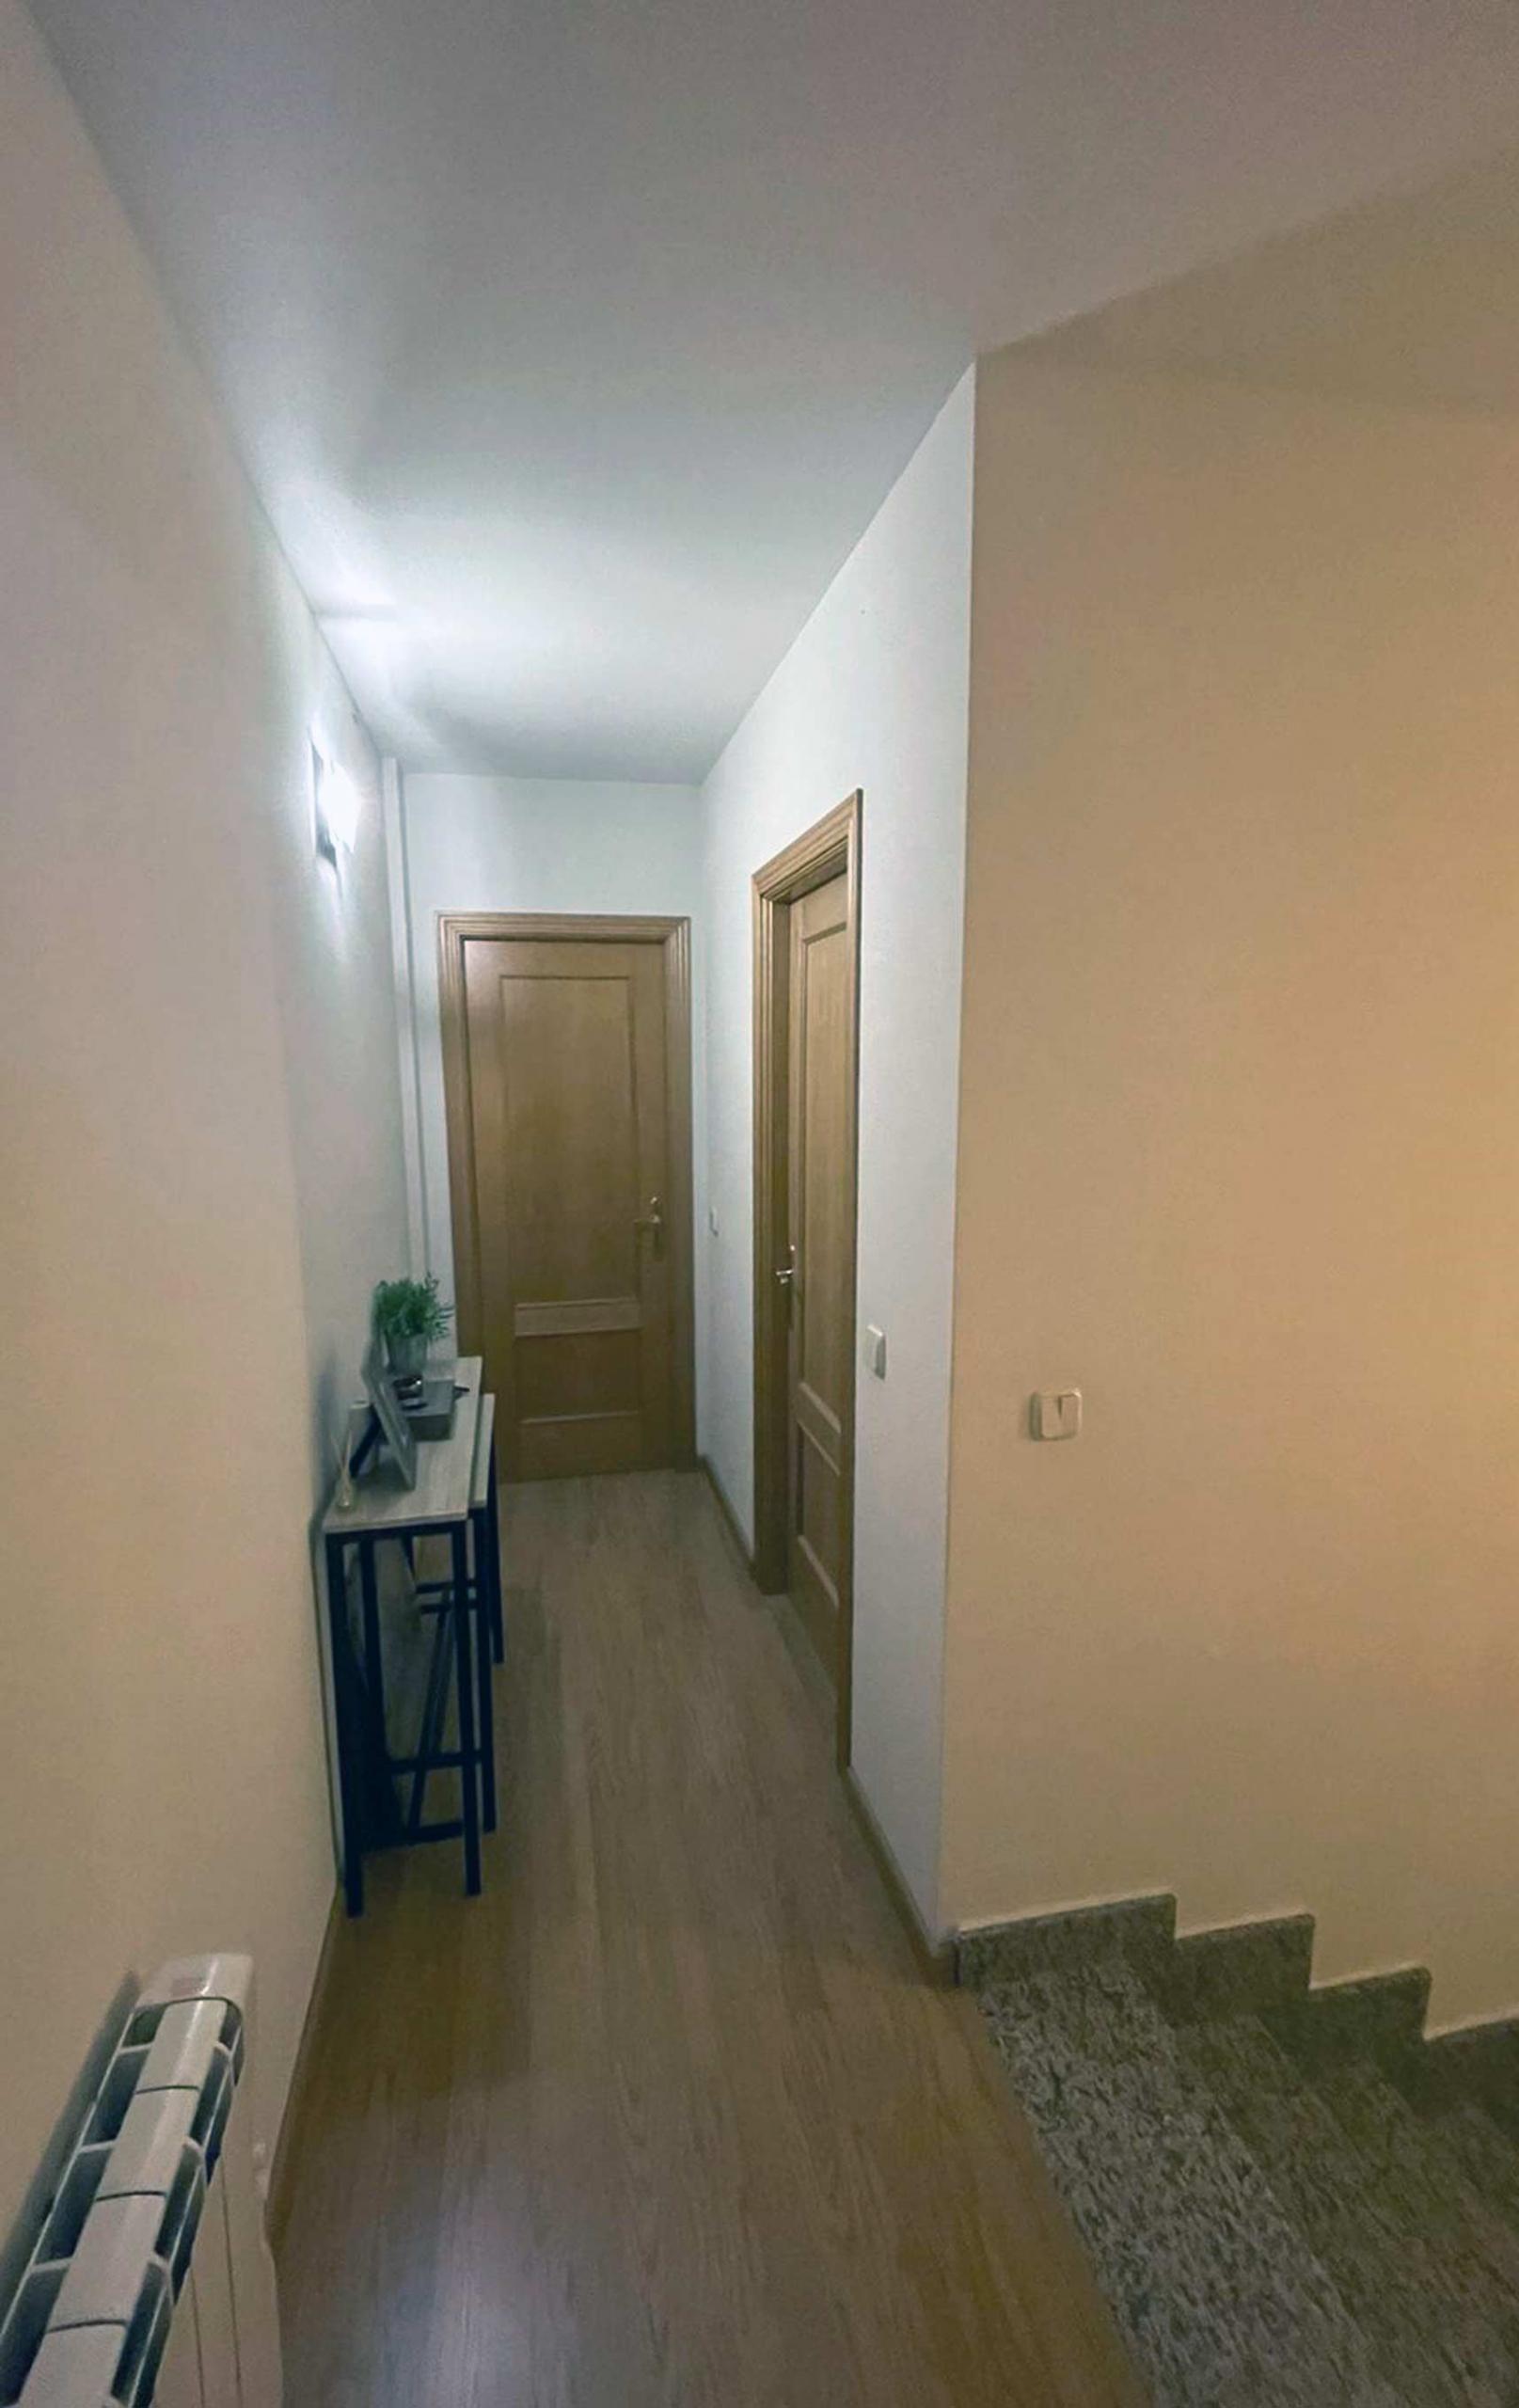 venta de apartamento barato Valdeaveruelo Guadalajara